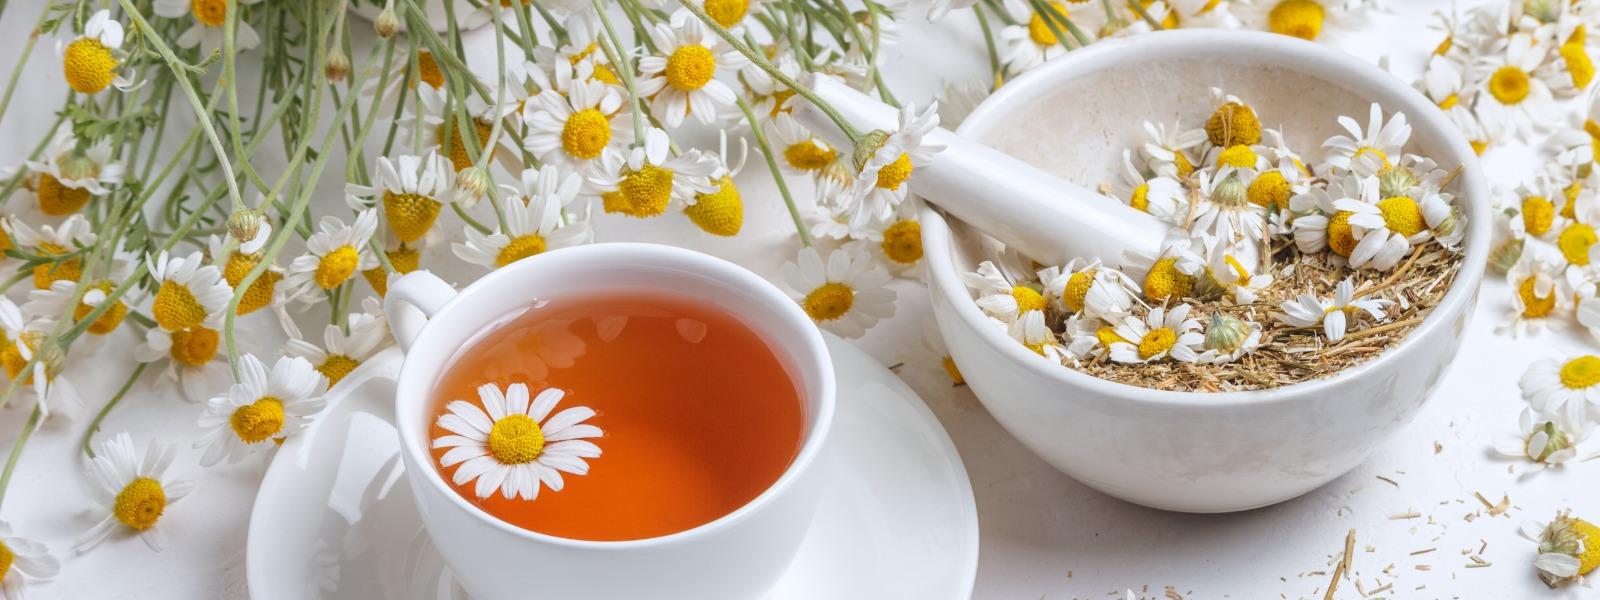 Žlutě kvetoucí byliny – šálek heřmánkového čaje